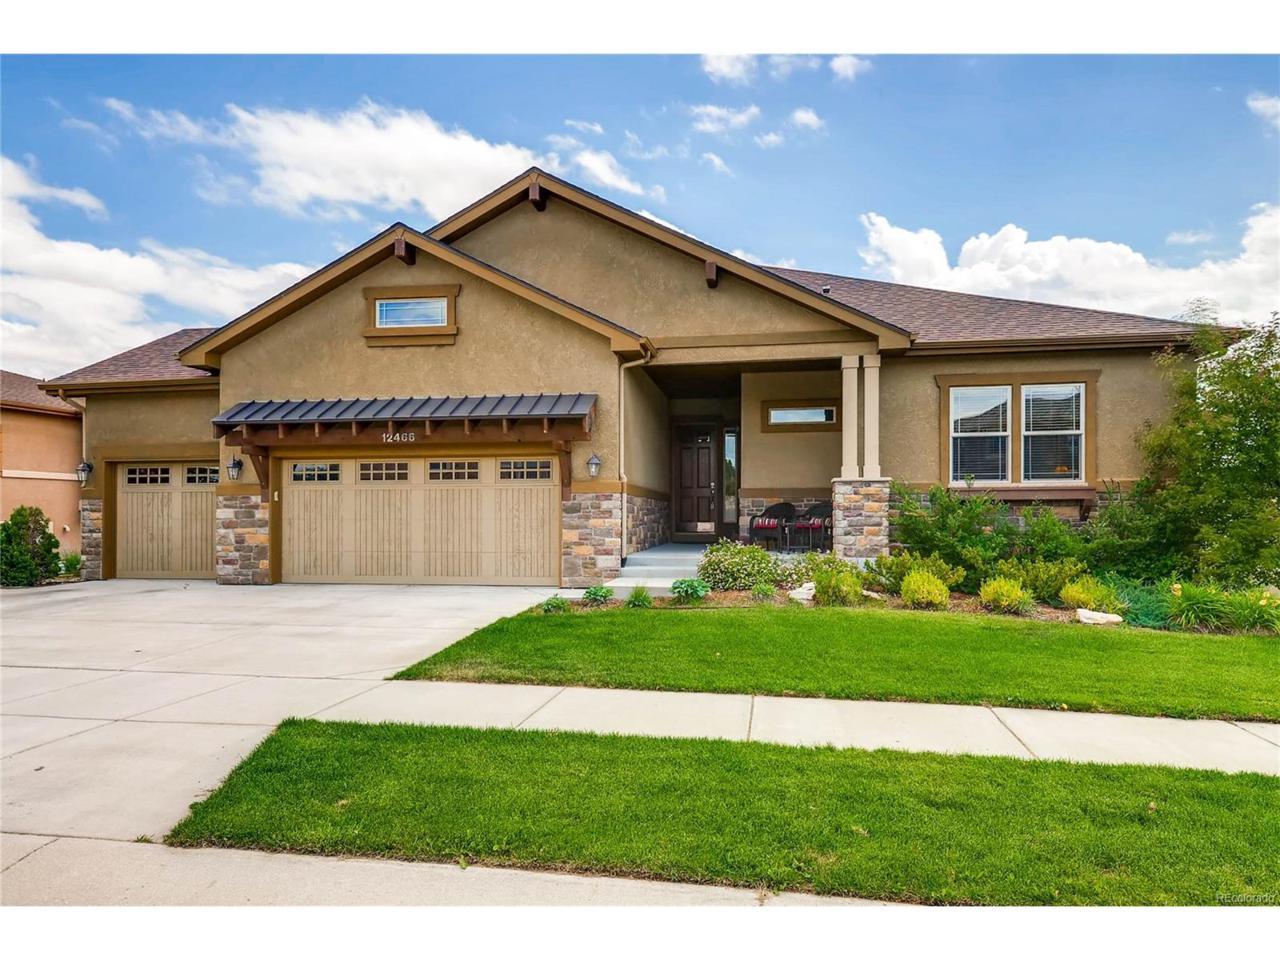 12466 Creekhurst Drive, Colorado Springs, CO 80921 (MLS #5334939) :: 8z Real Estate